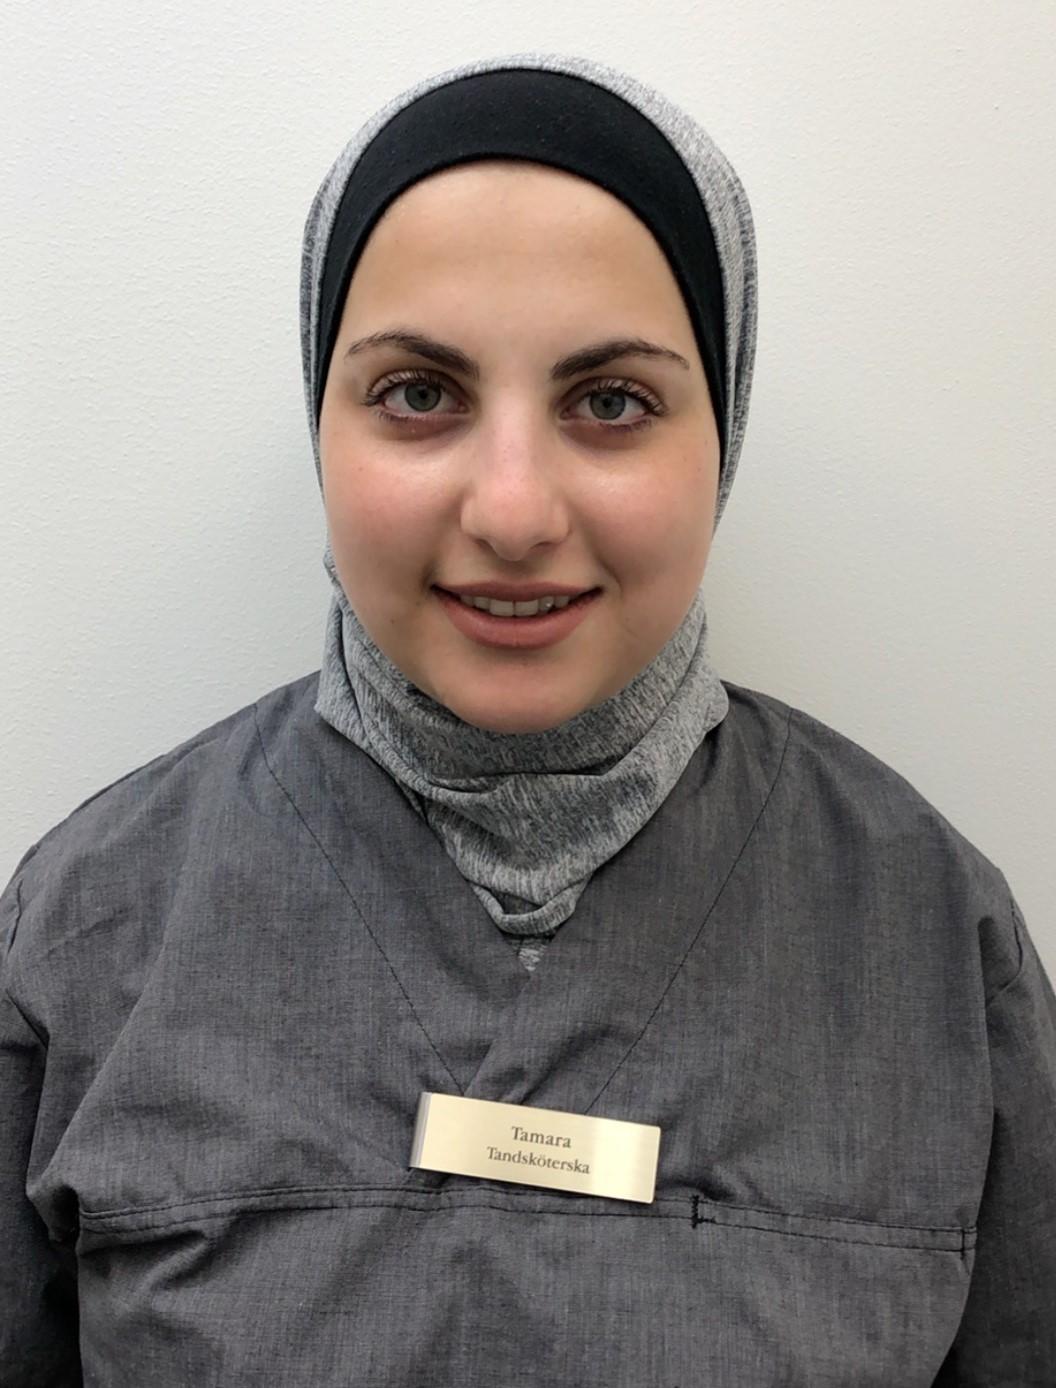 Tamara Khaled